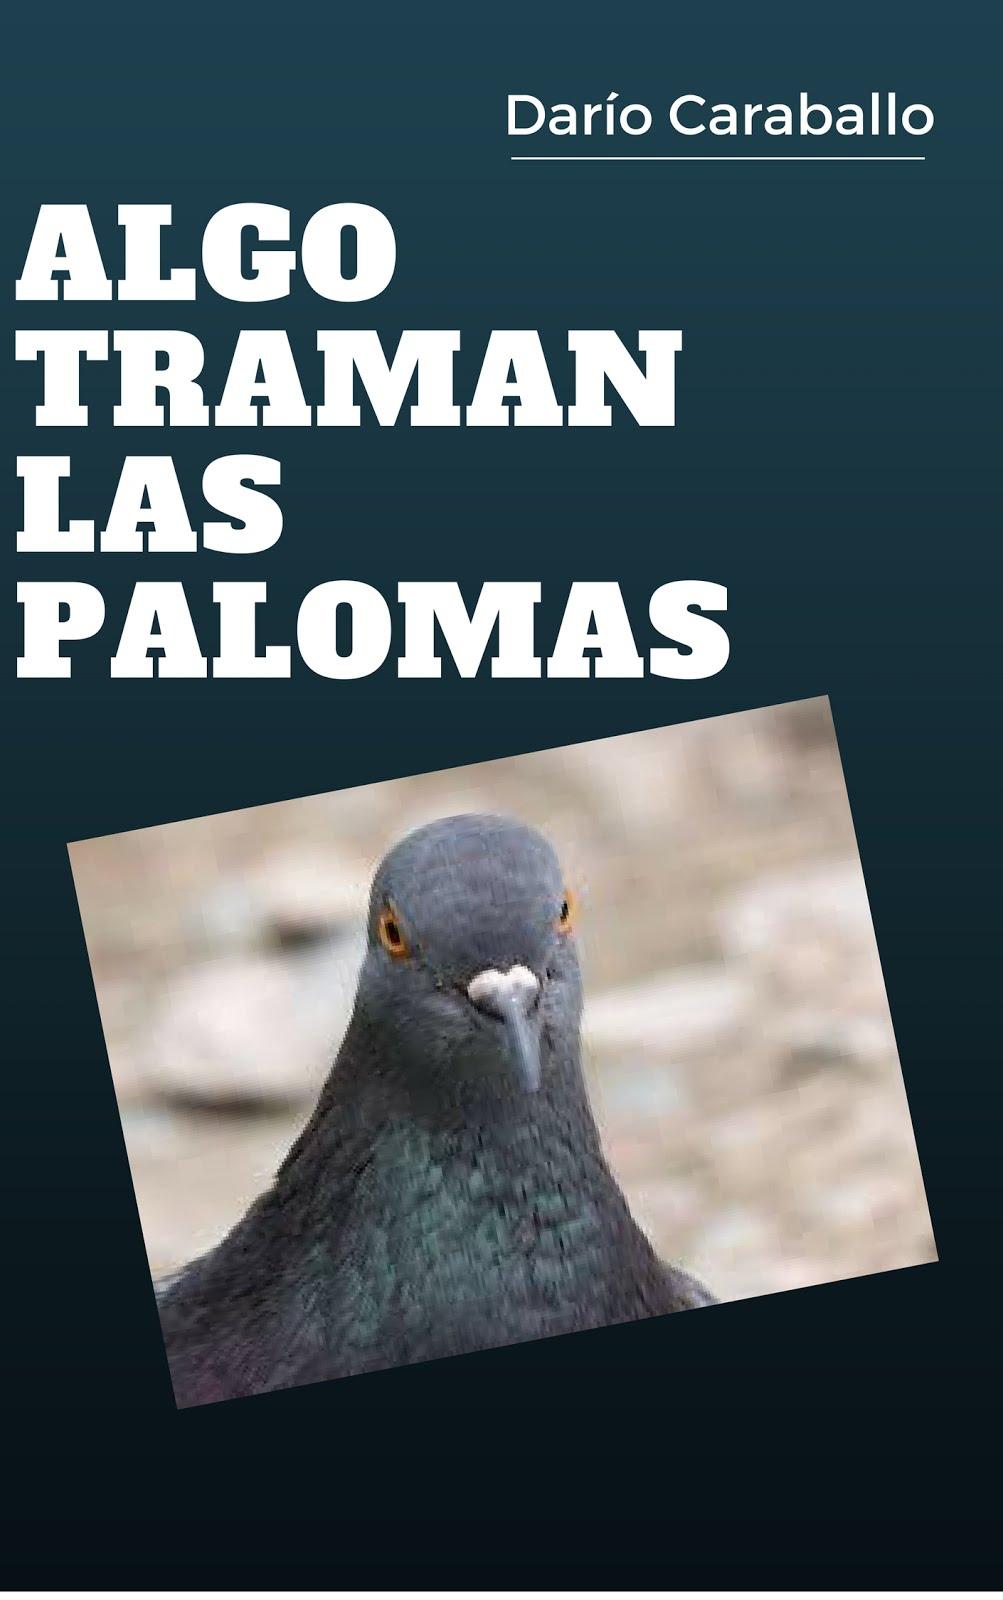 ¡Algo traman las palomas! Click en la imagen para descargar